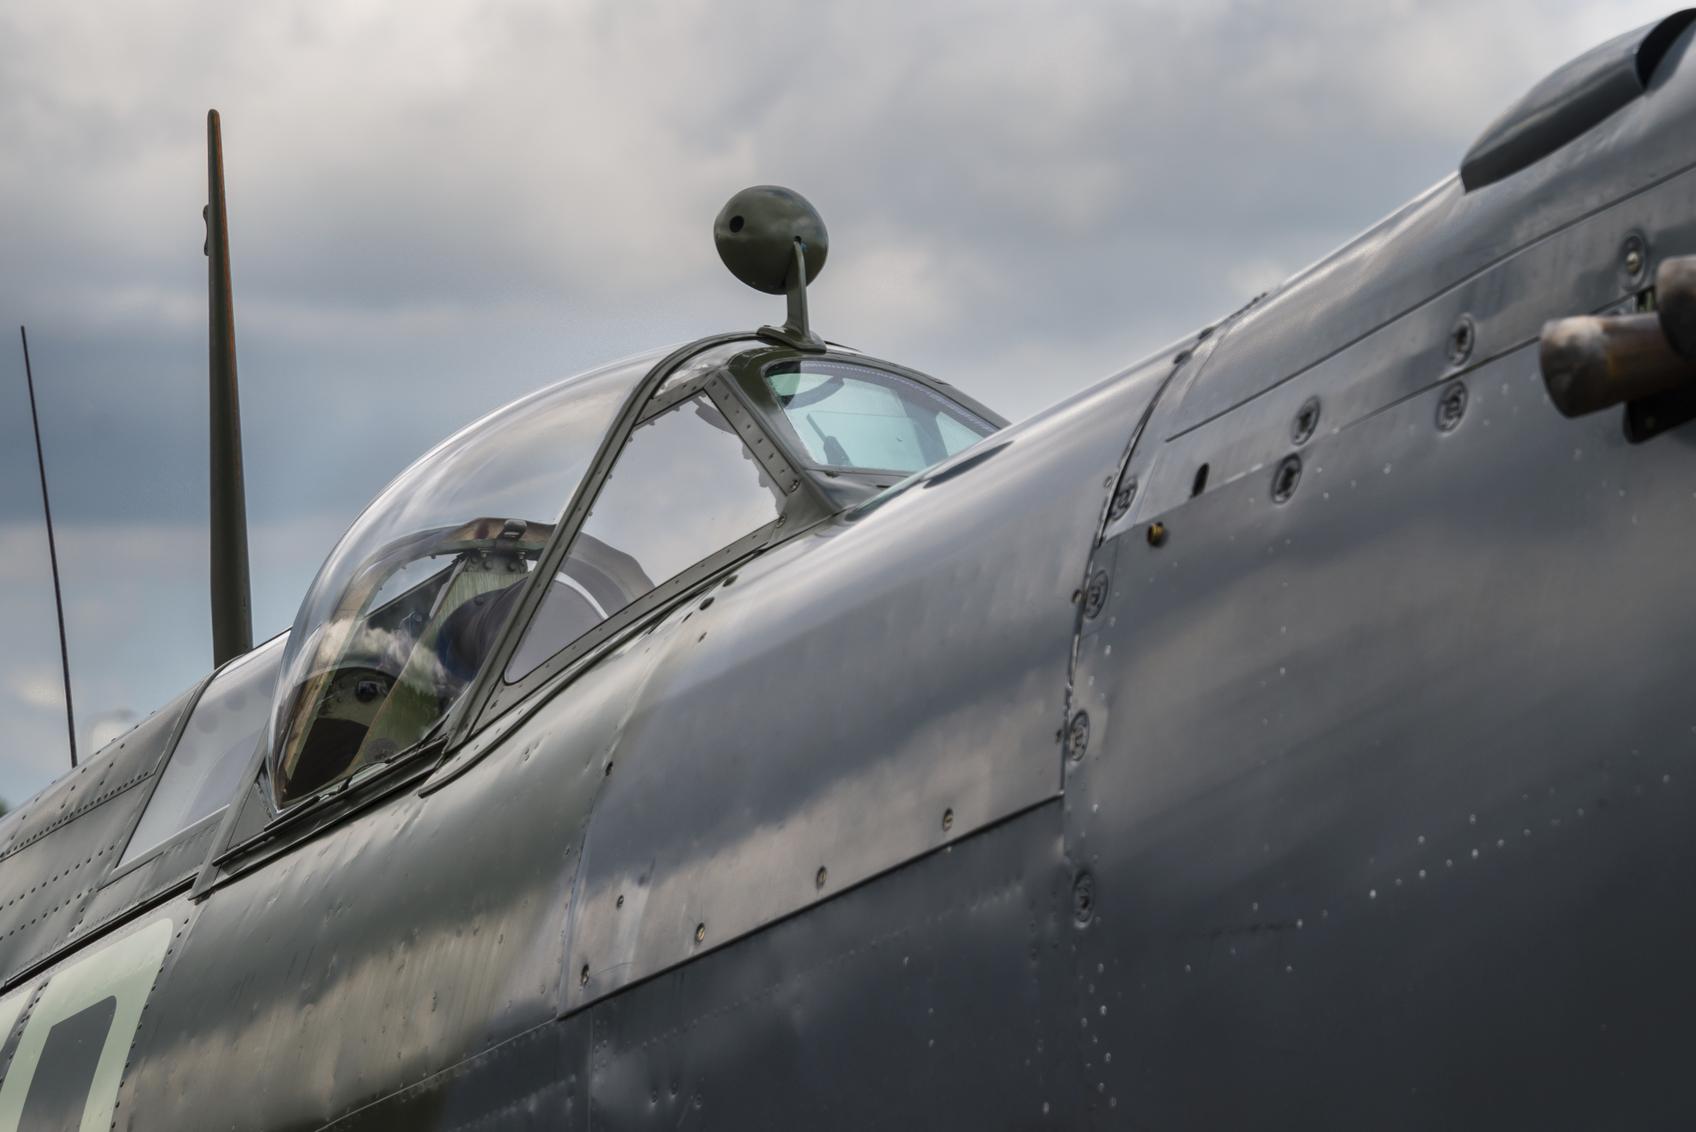 Zpětné zrcátko zvnějšku kokpitu staršího bojového letounu.